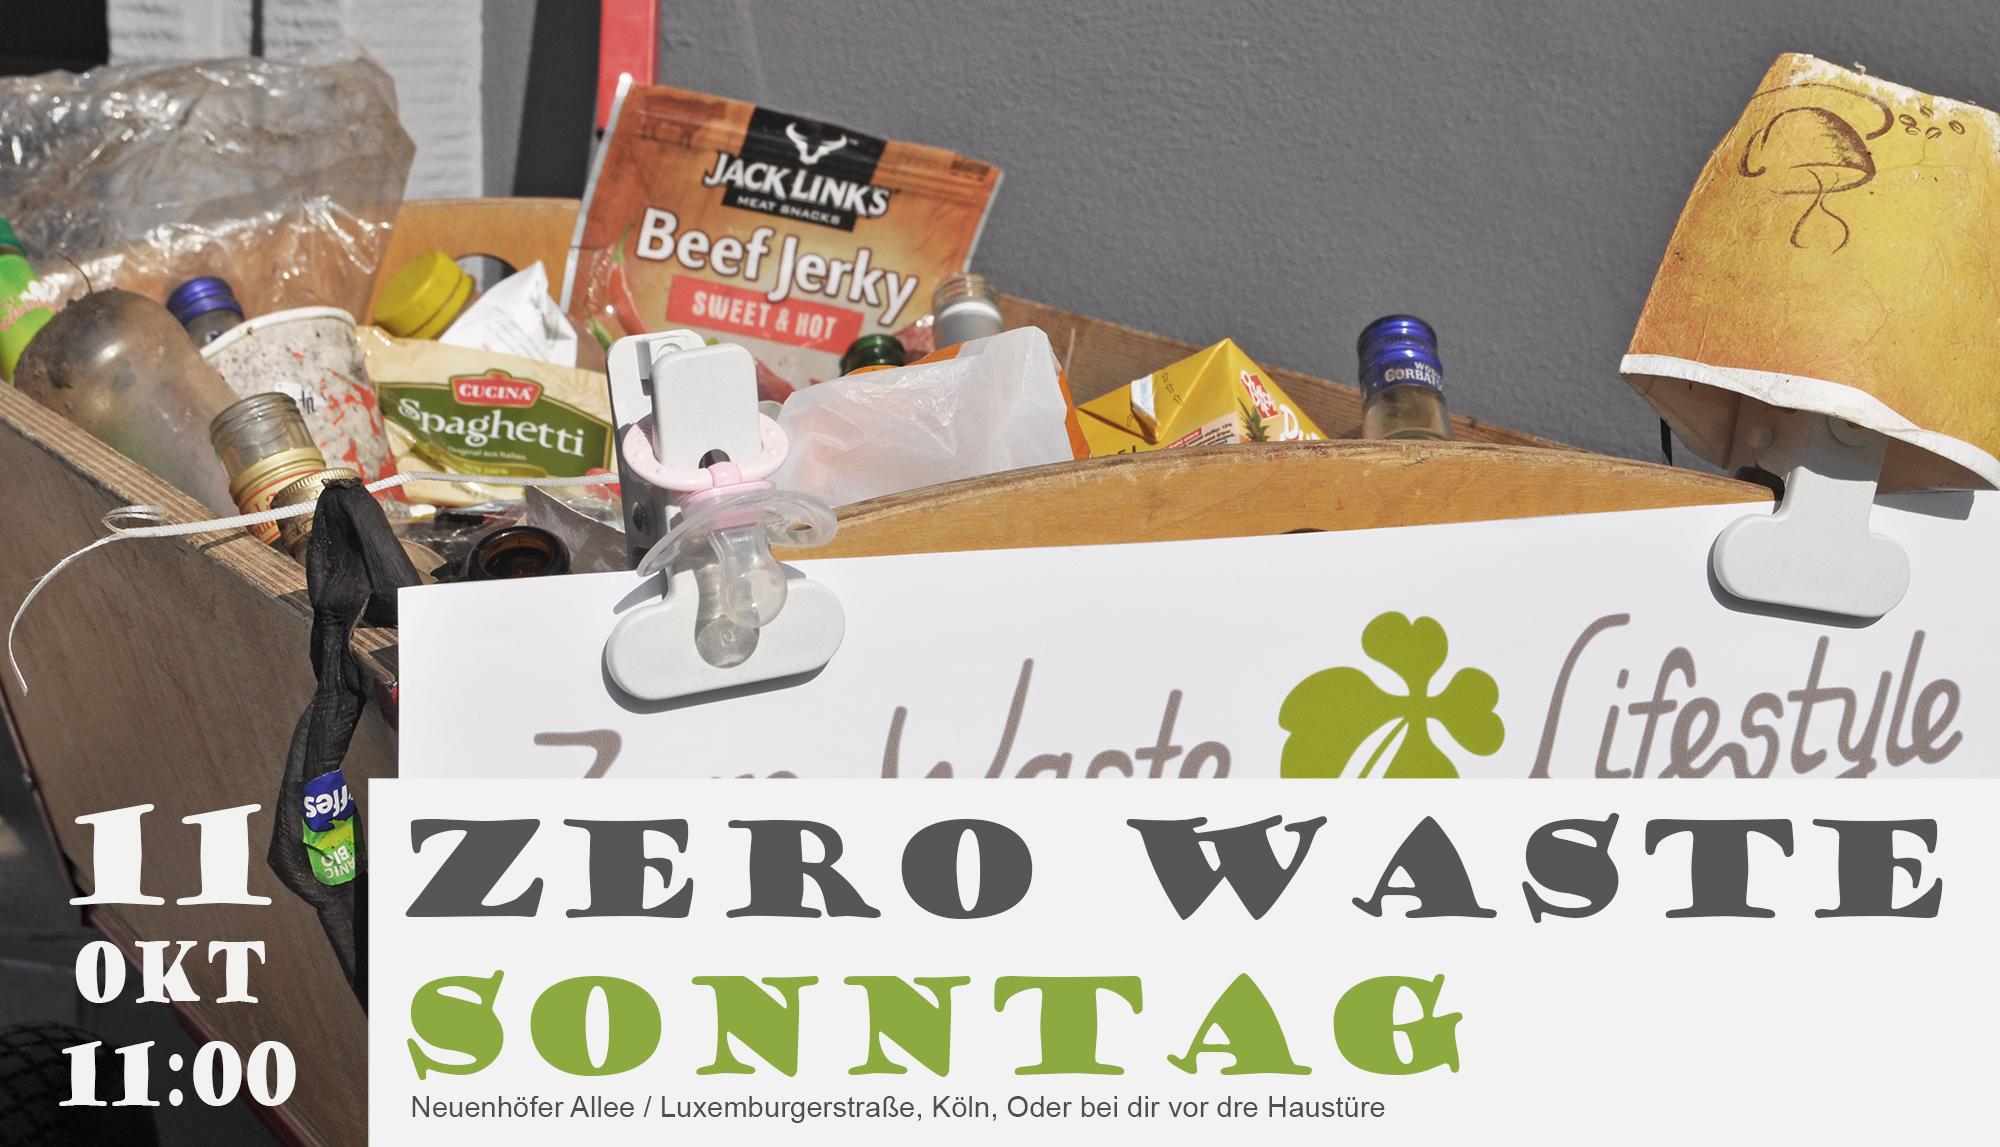 Zero Waste Sonntag, die Erste